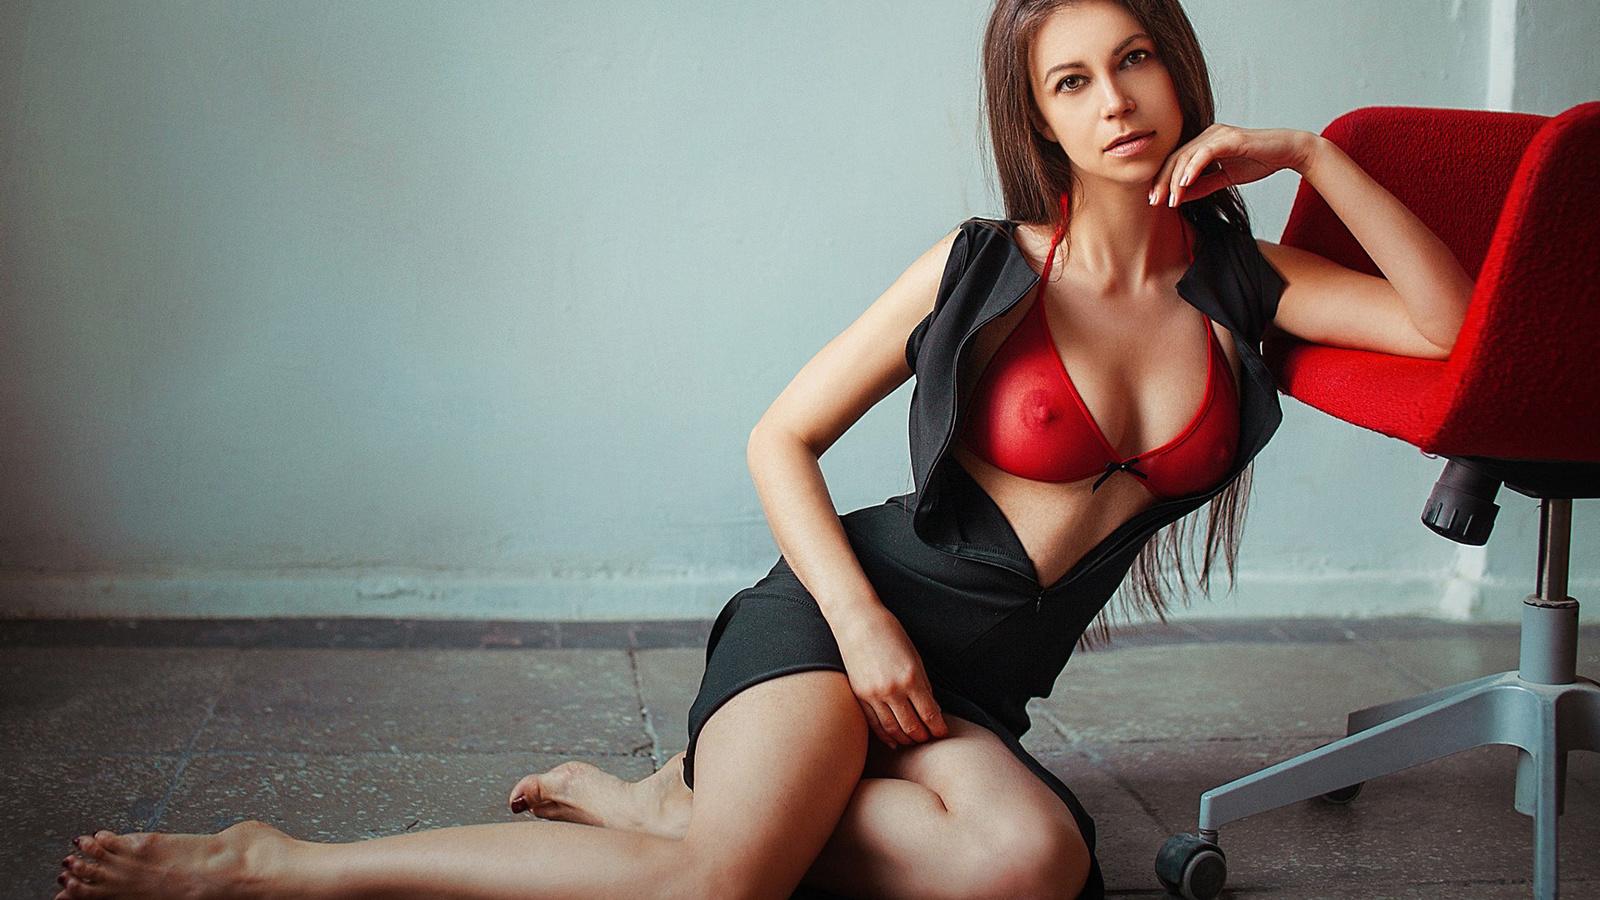 Смотреть груди девушек, Женская красивая грудь (сиськи), смотреть онлайн 21 фотография